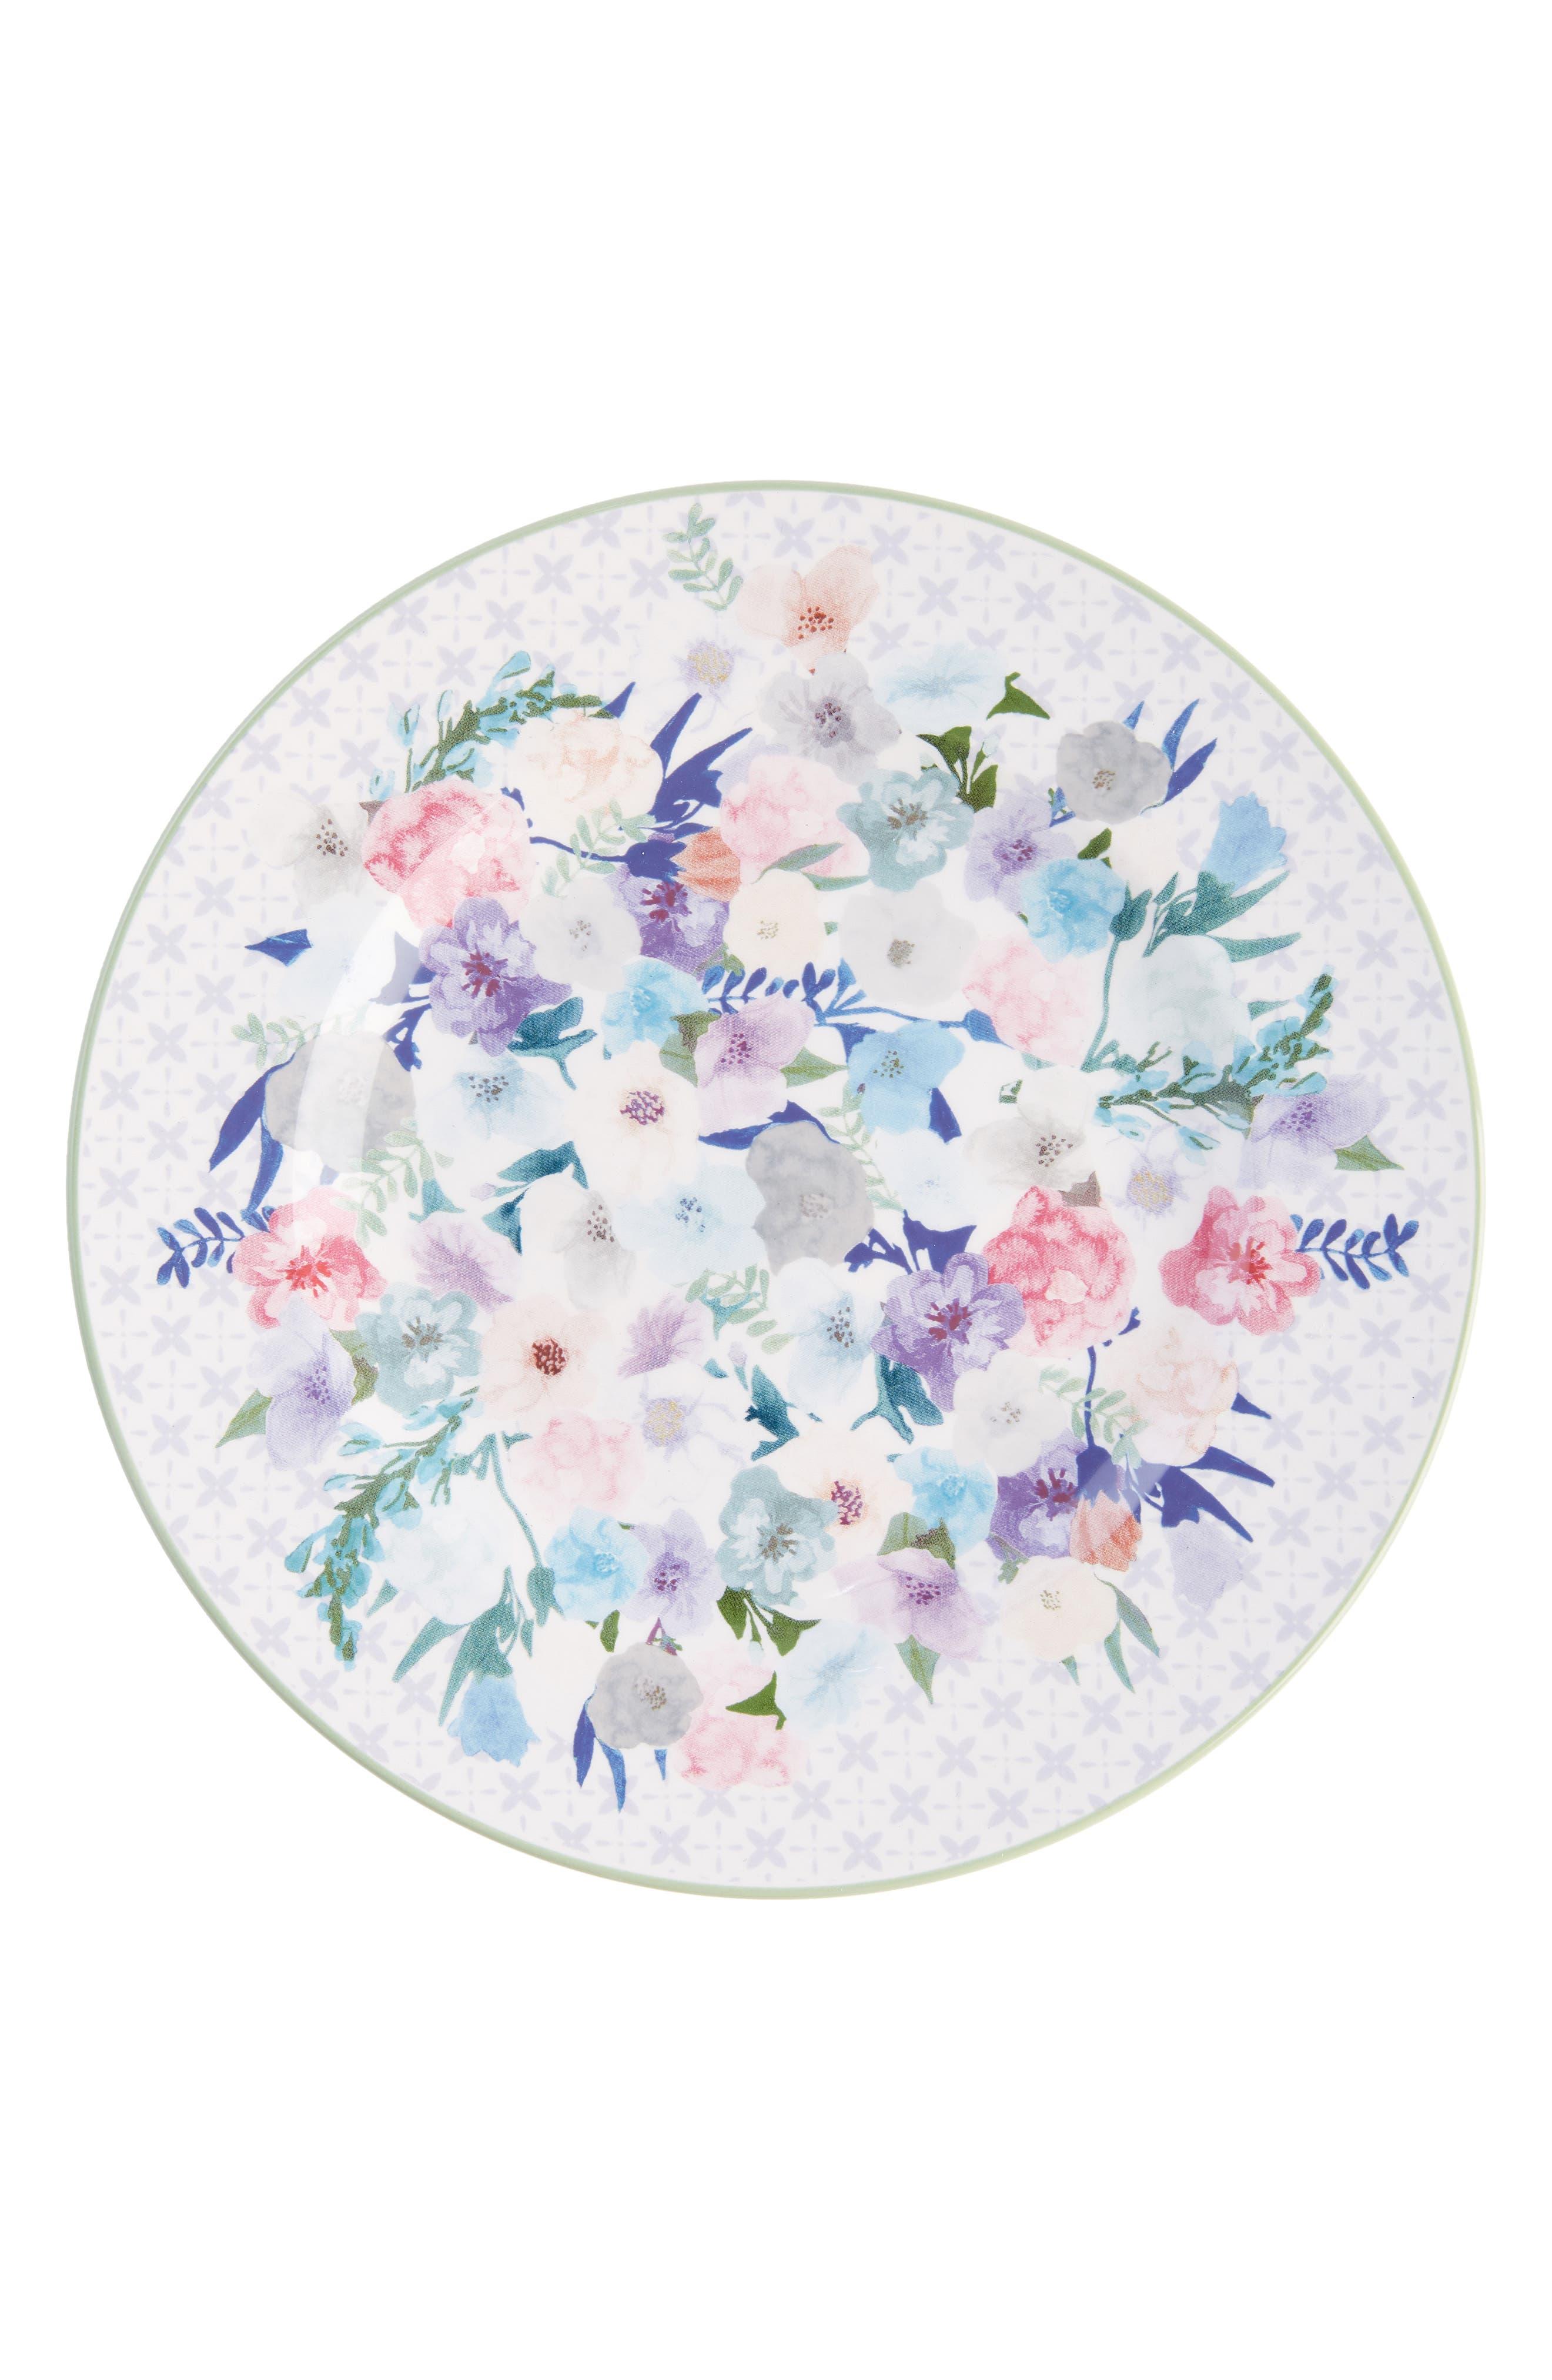 ANTHROPOLOGIE,                             Jioletta Set of 4 Dessert Plates,                             Alternate thumbnail 4, color,                             LIGHT GREEN